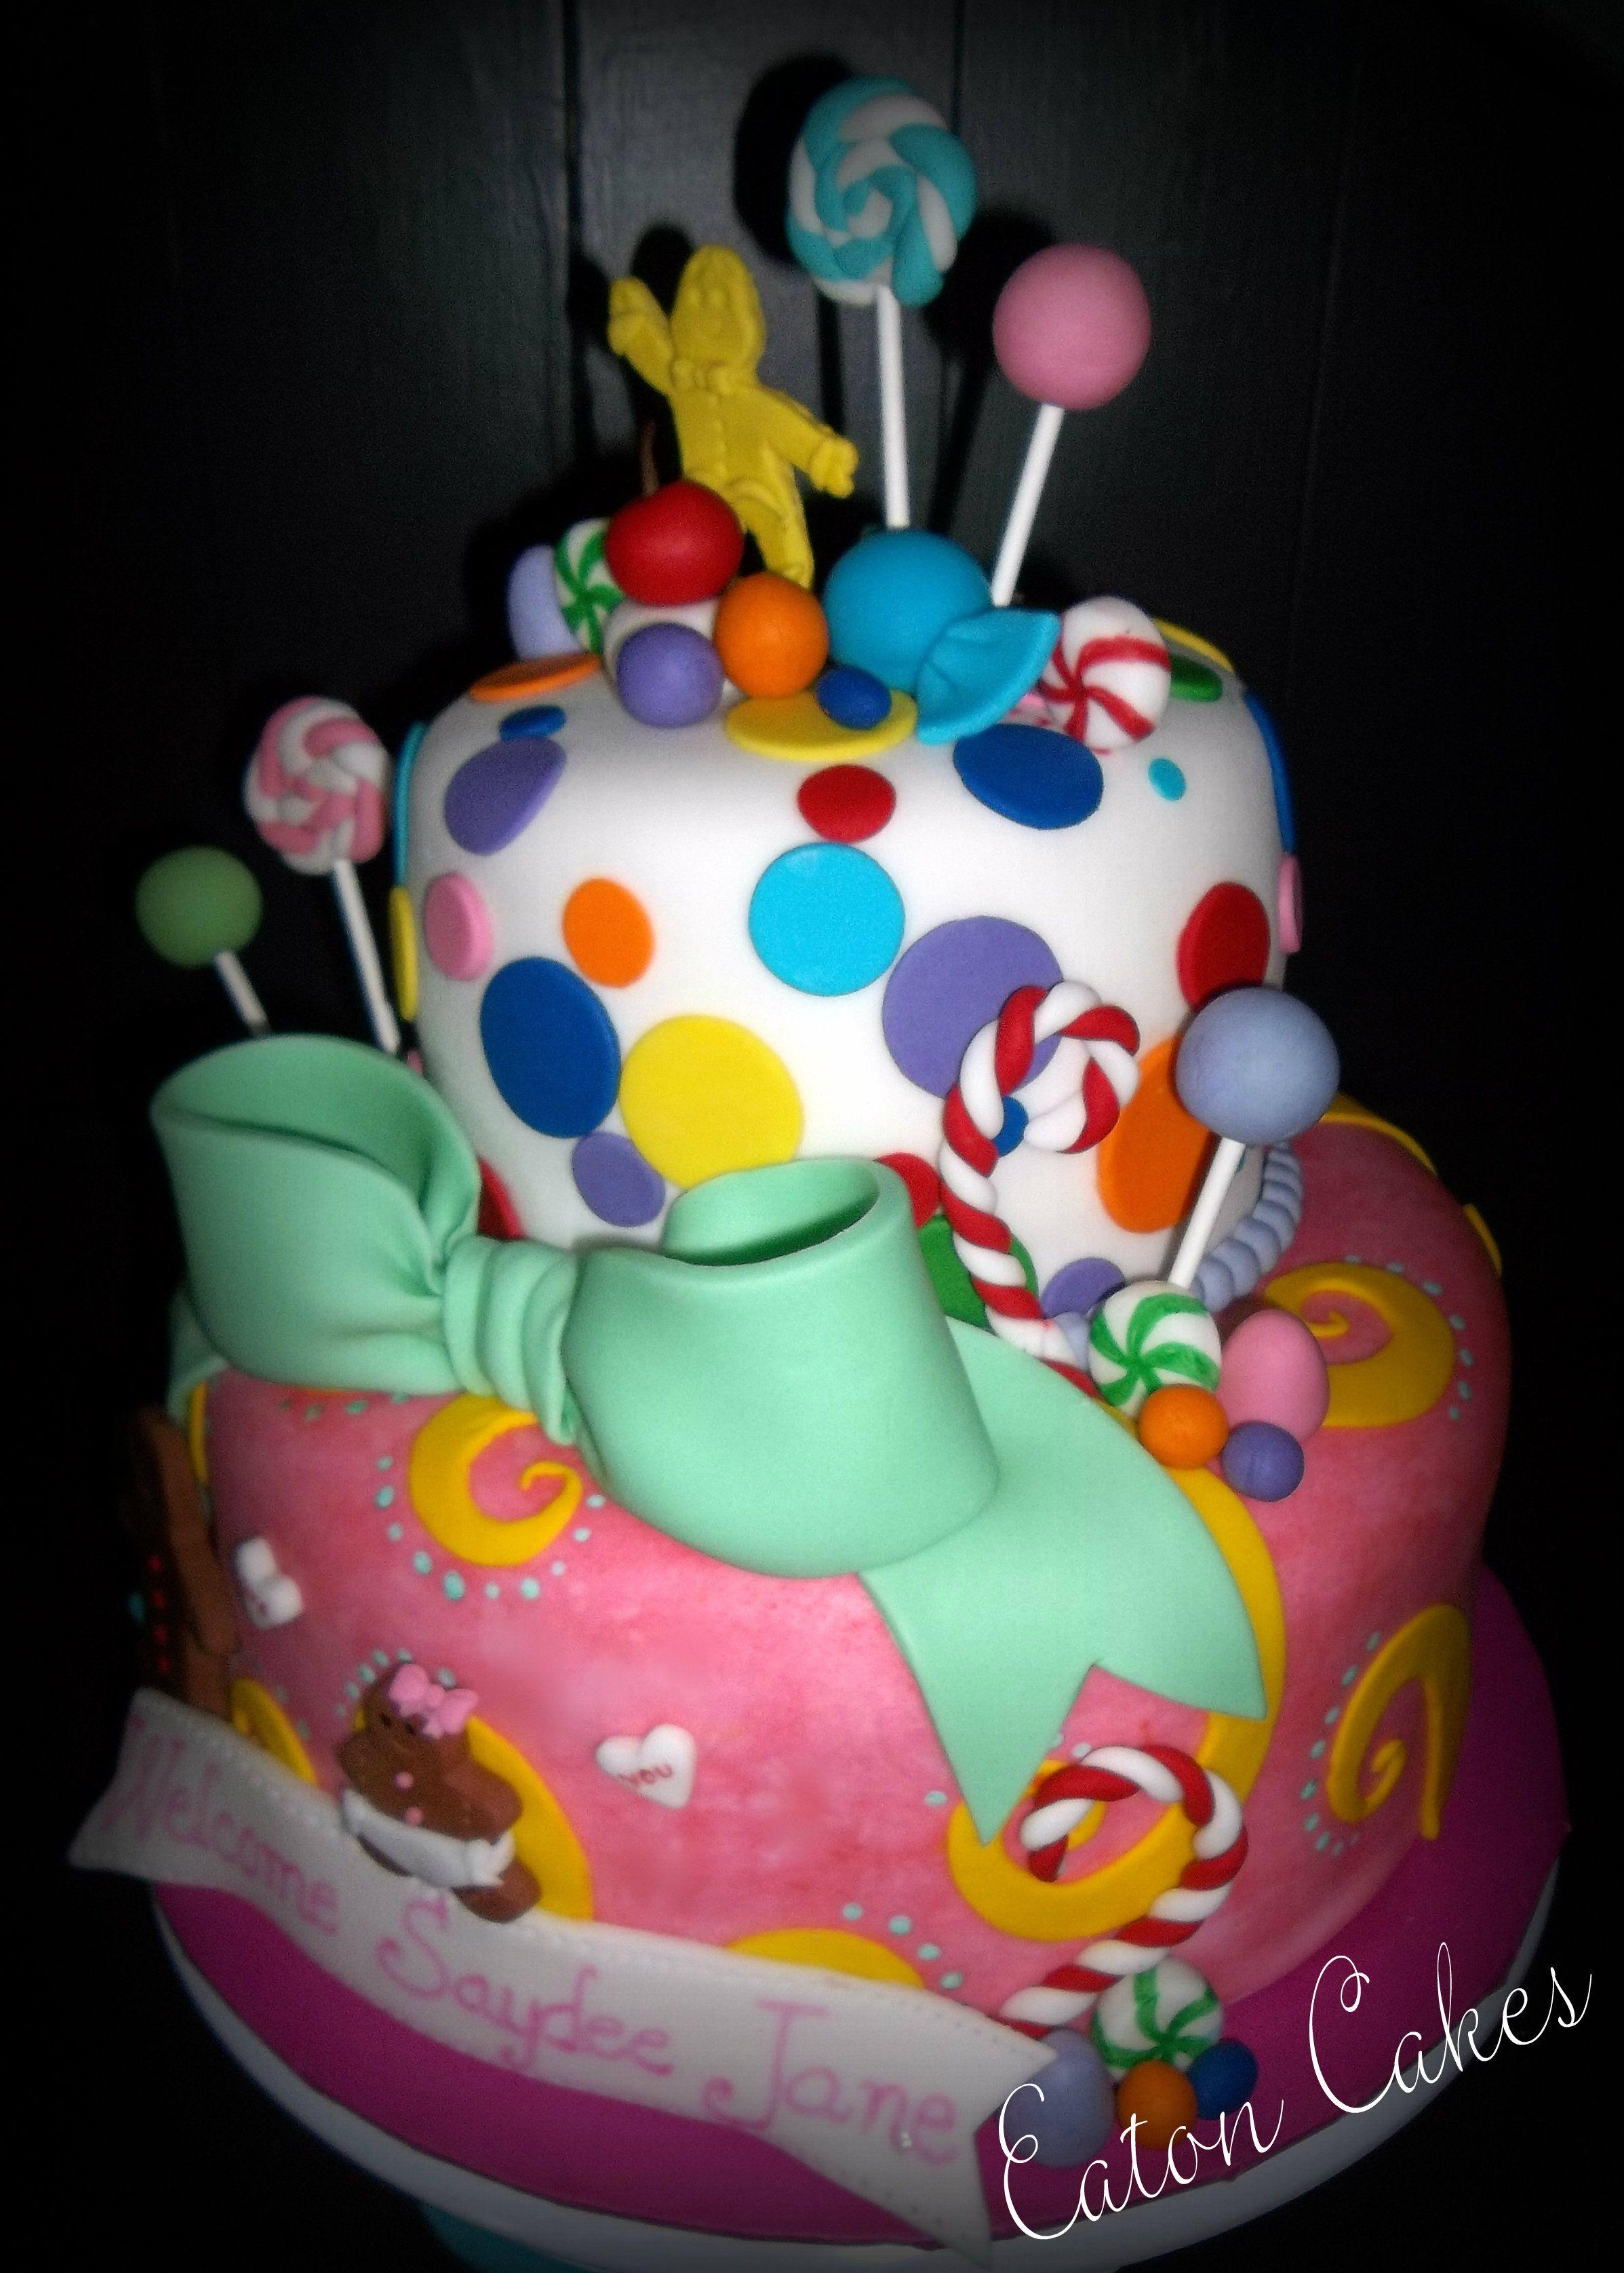 Candyland baby shower cake